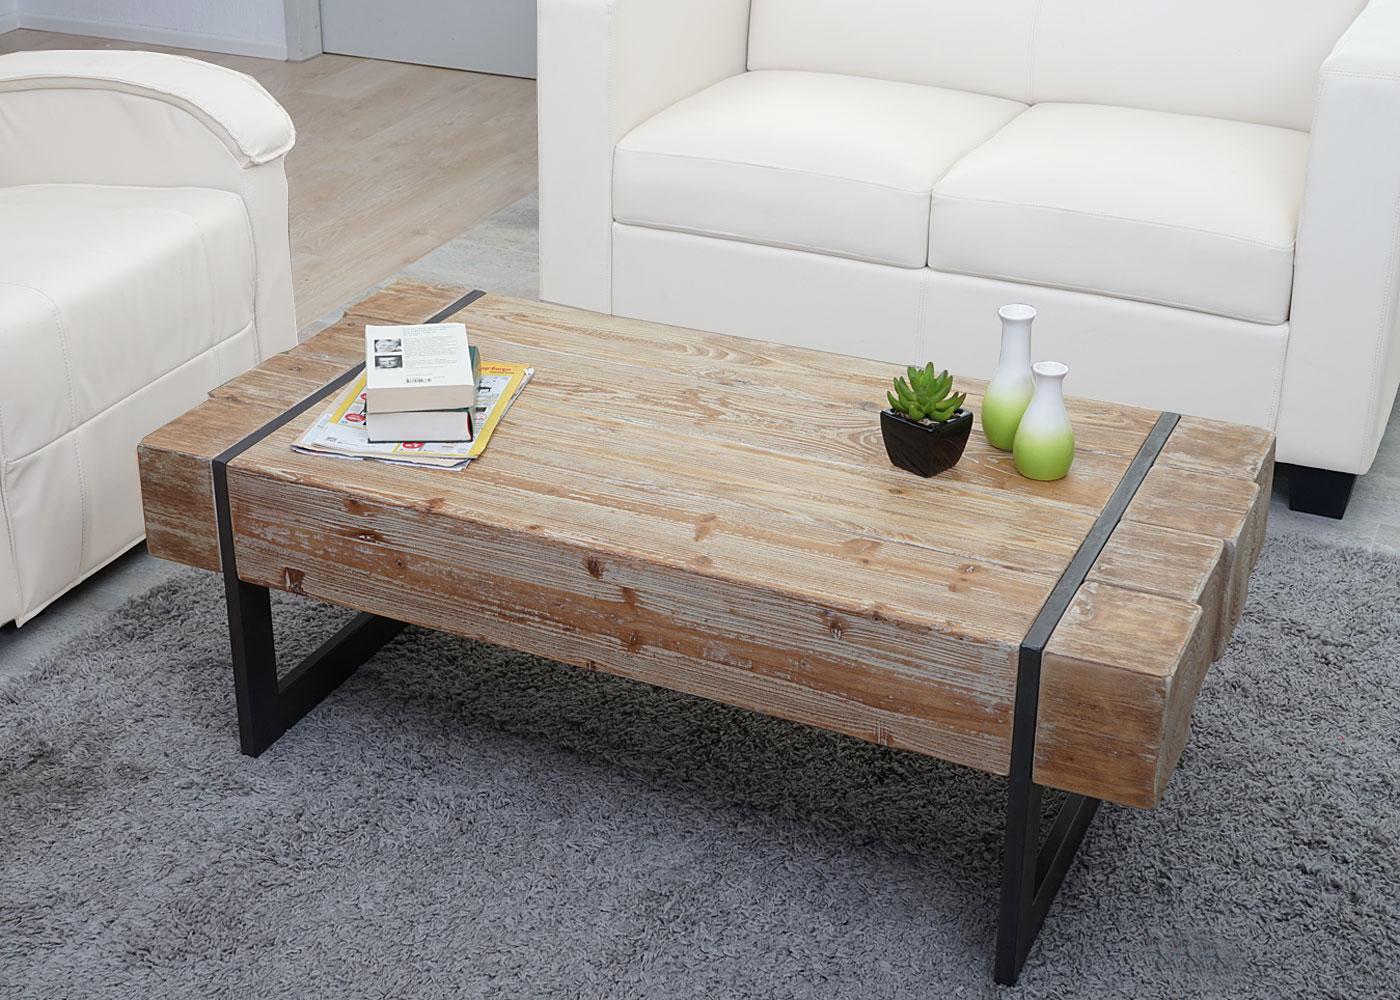 Couchtisch HWC-A15a, Wohnzimmertisch, Tanne Holz rustikal massiv ...